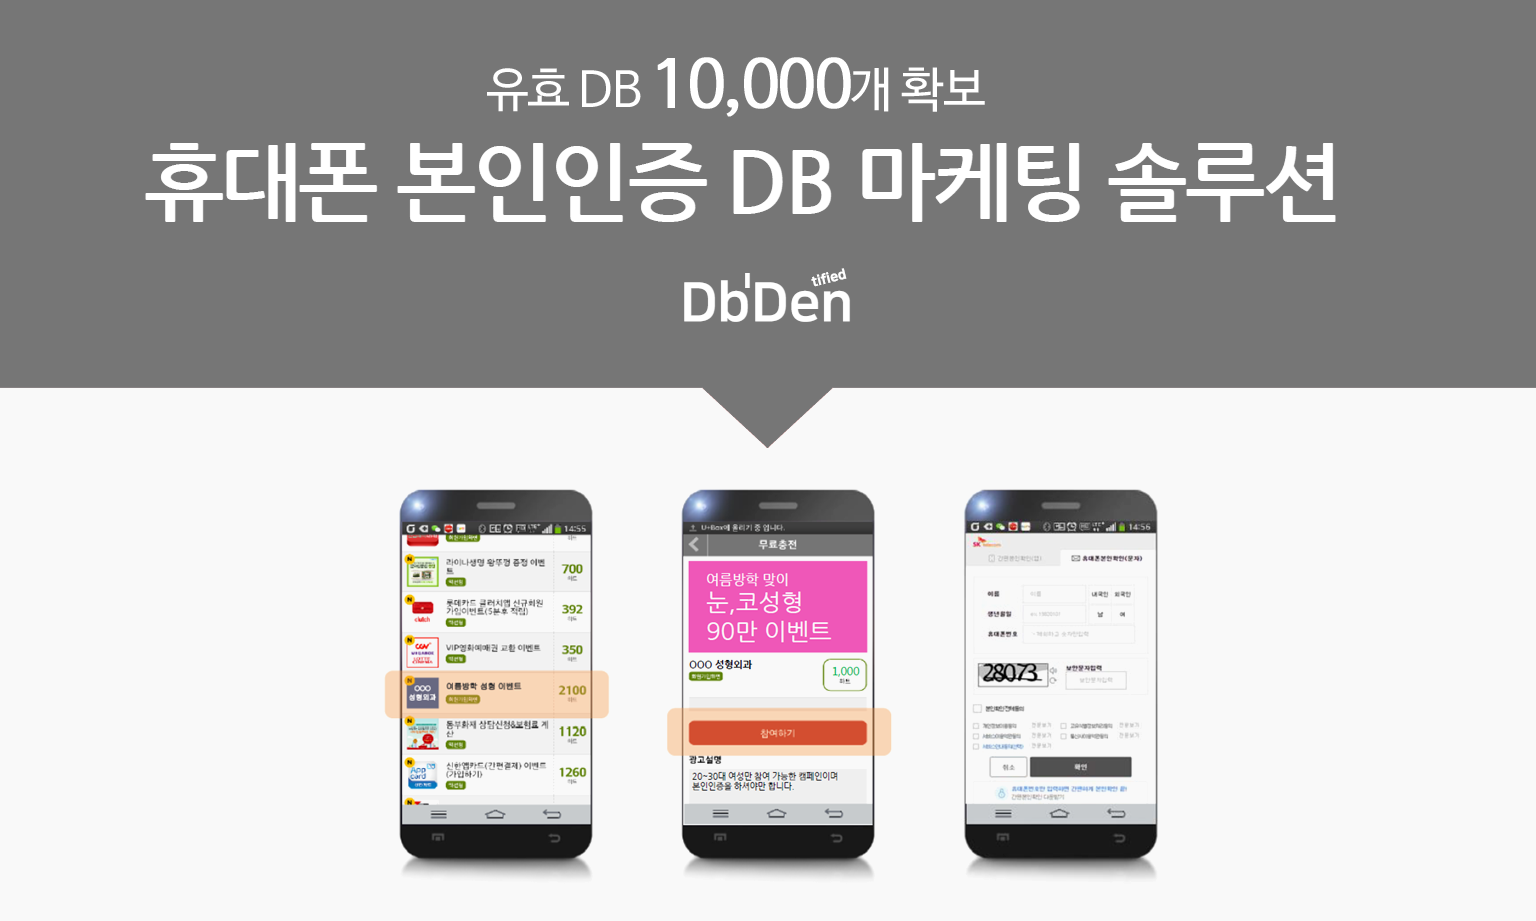 휴대폰 본인인증 DB 마케팅 CPA 솔루션